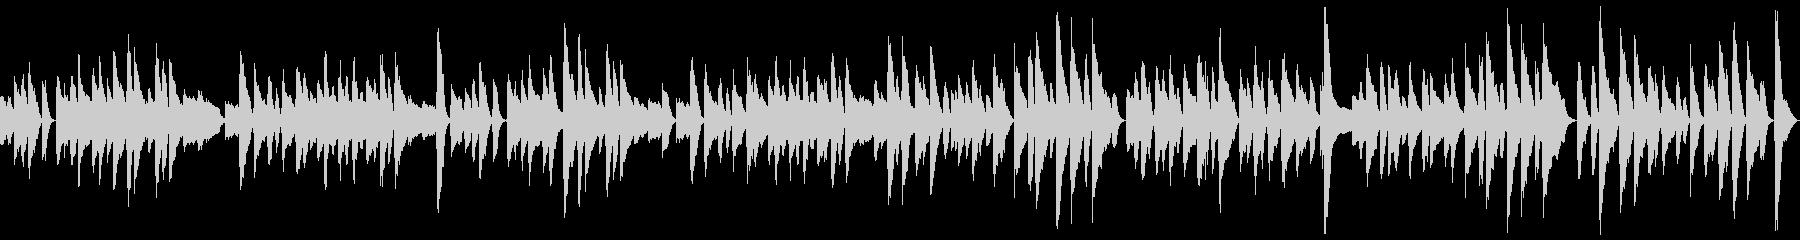 ループ ピアノソロのコミカルなラグタイムの未再生の波形